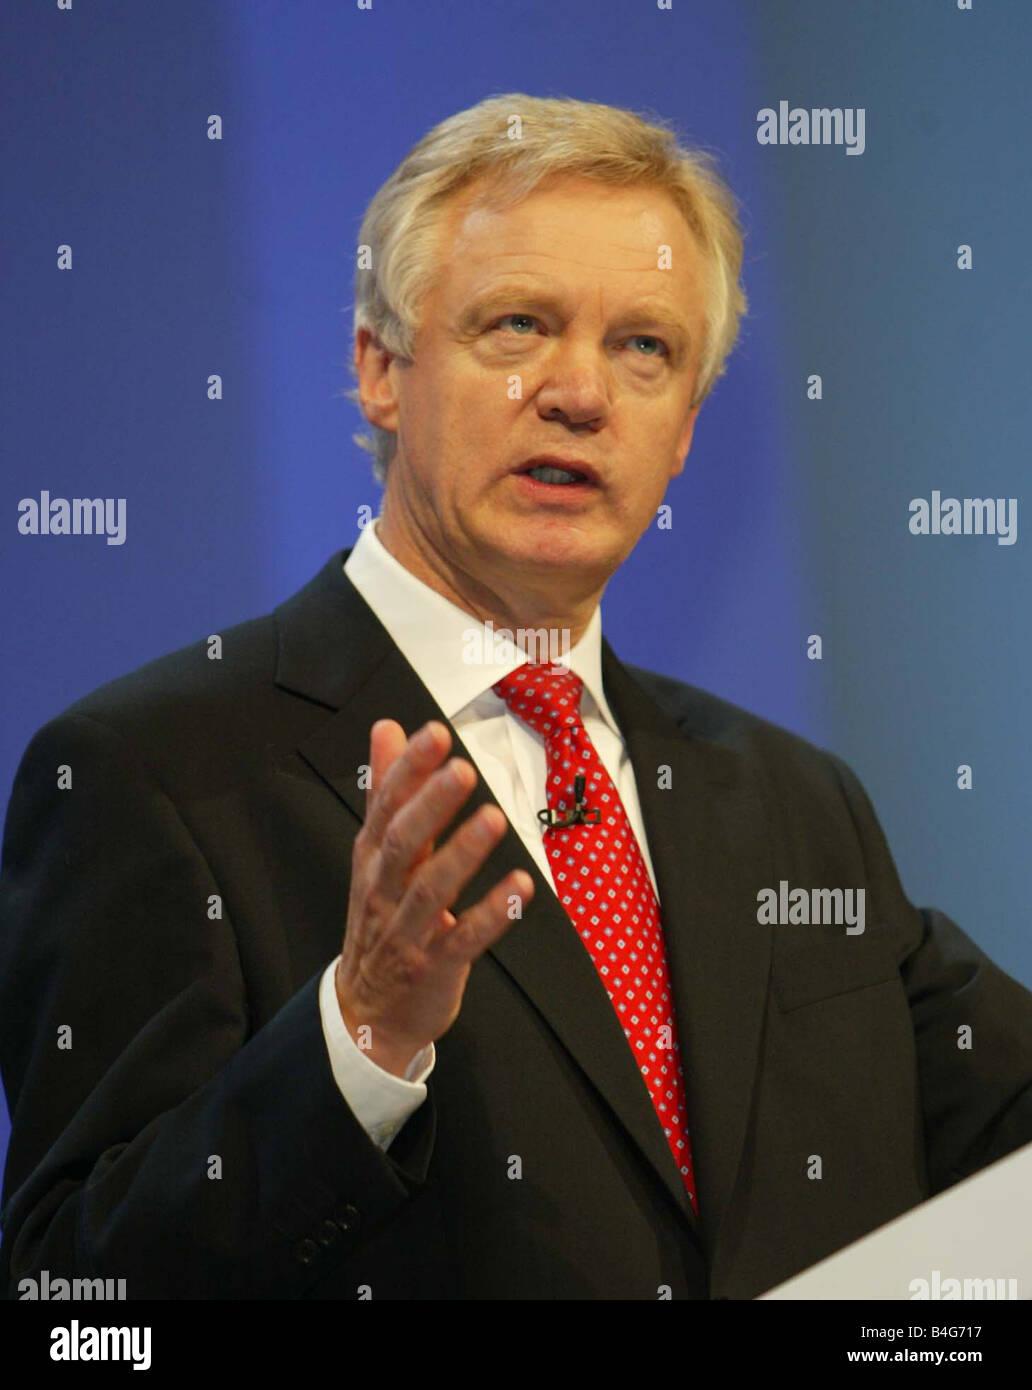 2005 dirigentes del partido tory contendiente David Davis, visto aquí entregando su liderazgo oferta de voz y tratando de mirar a la dura Foto de stock